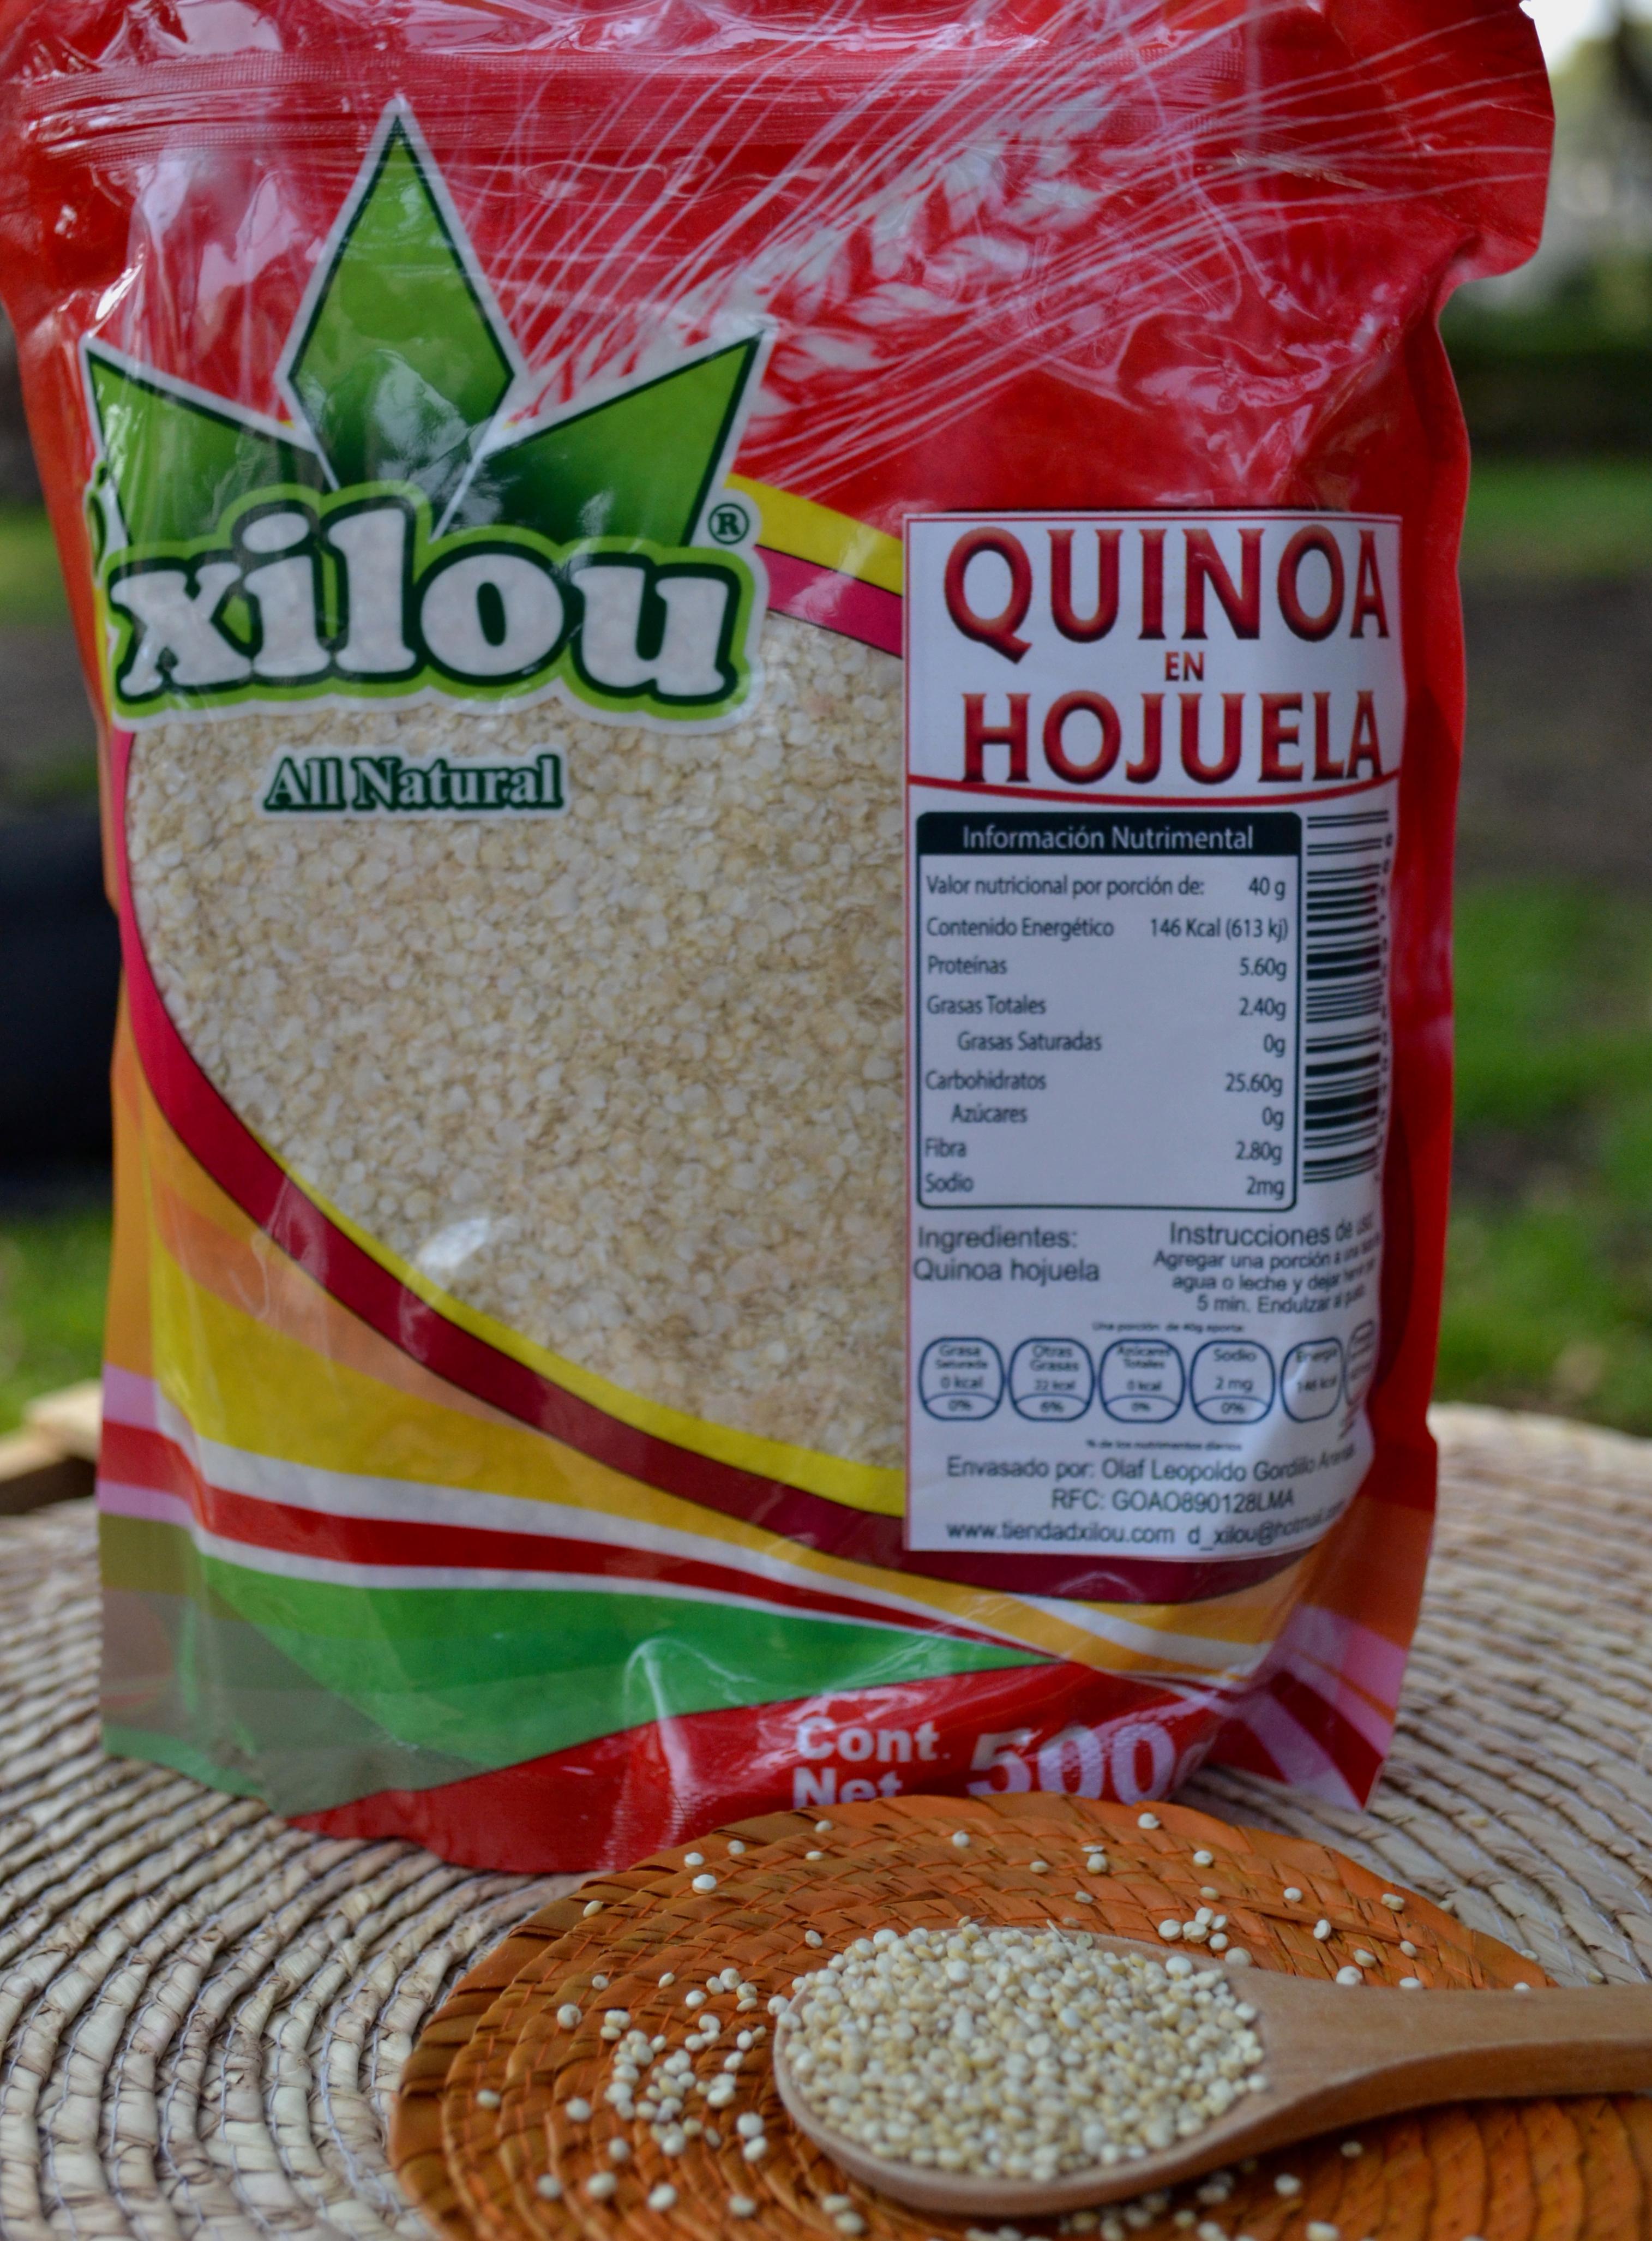 Quinoa en Hojuela 500g.